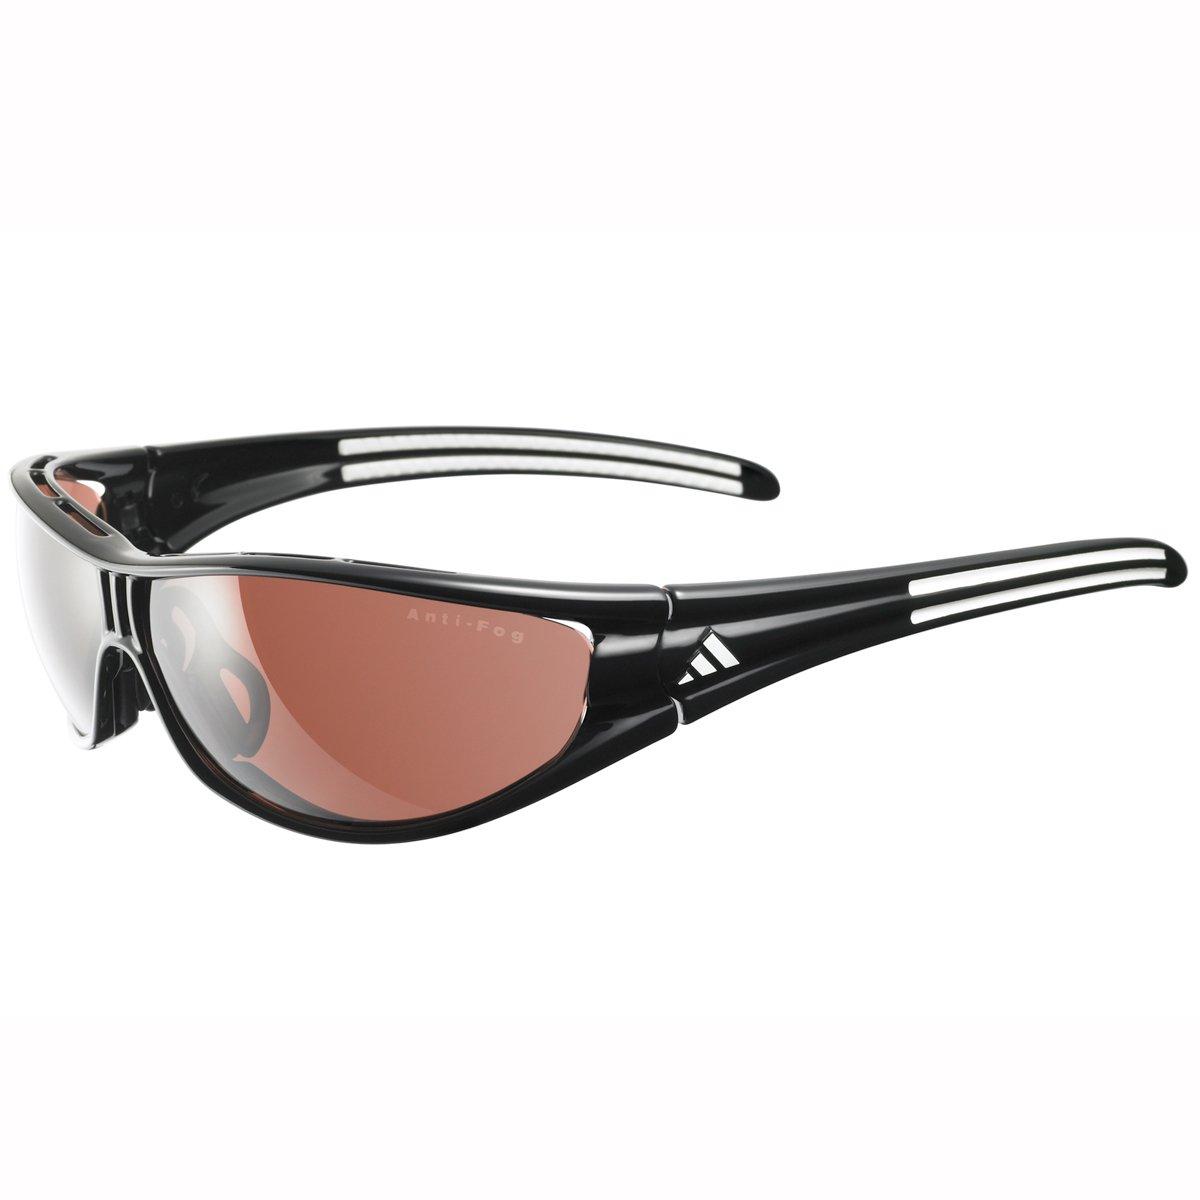 adidas Sonnenbrille EVIL EYE schwarz